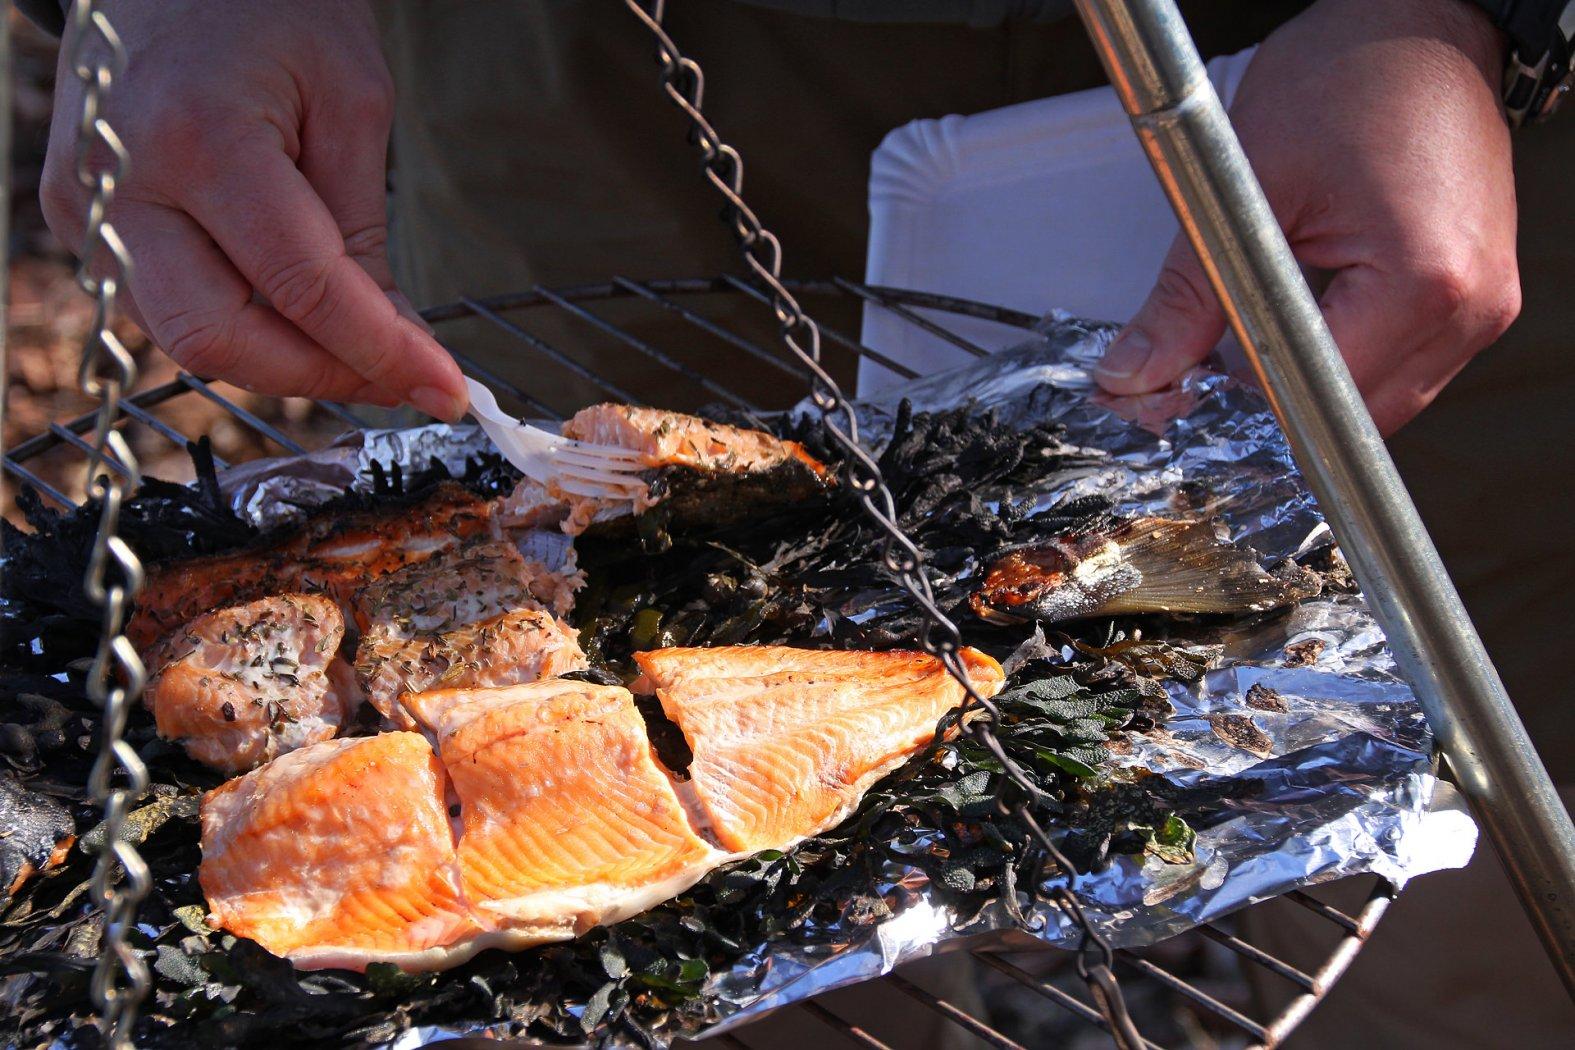 Forelle auf dem offenen Grill